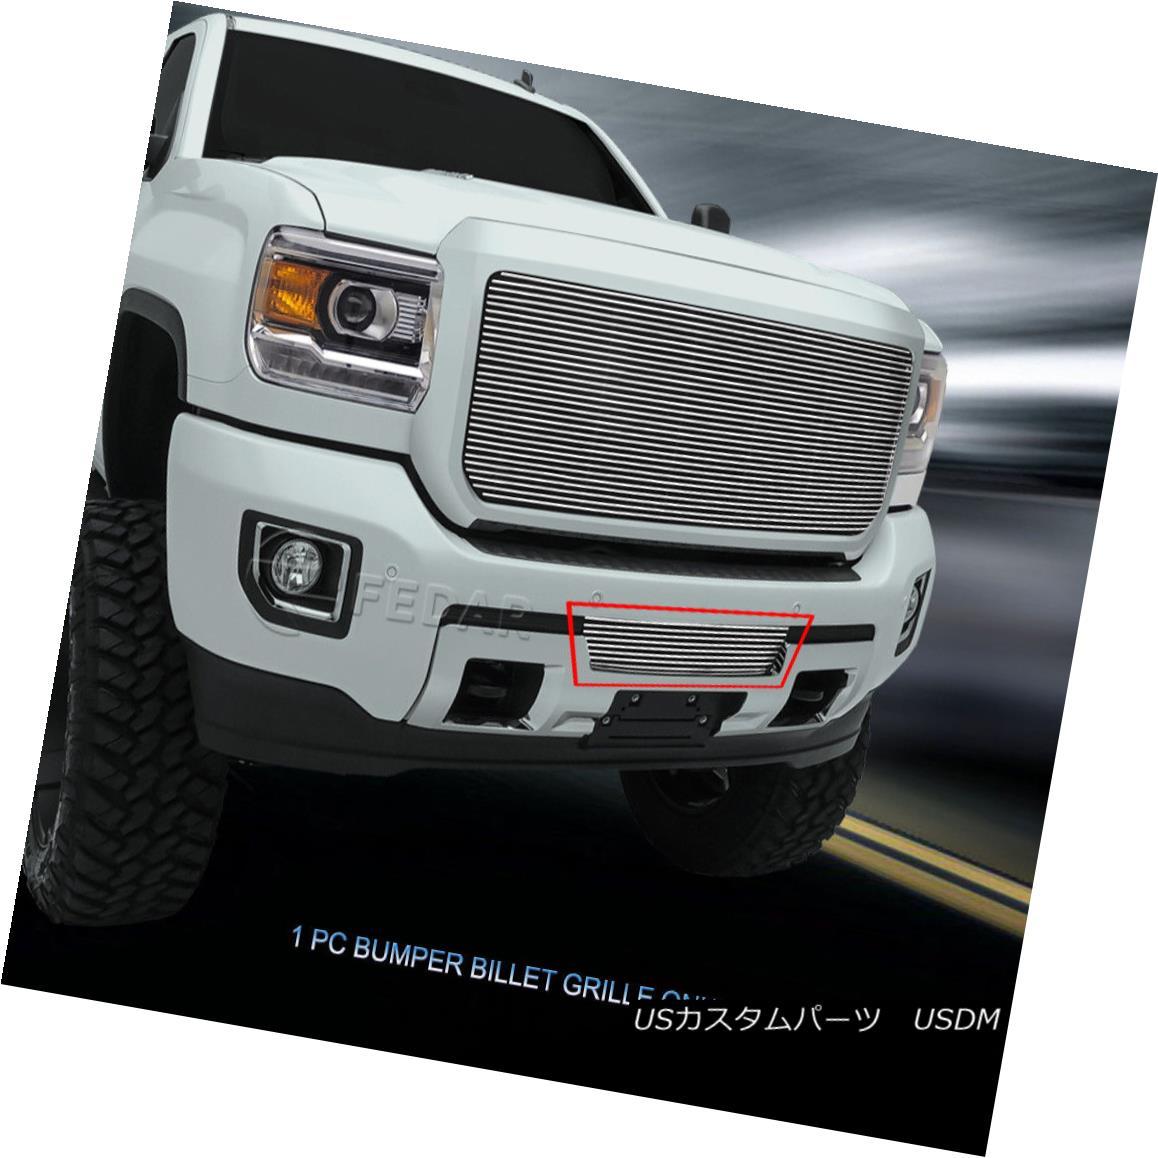 グリル Fedar Fits 2015-2017 GMC Sierra 2500HD/3500HD Polished Bottom Billet Grille Fedarフィット2015-2017 GMC Sierra 2500HD / 3500HDポリッシュボトムビレットグリル